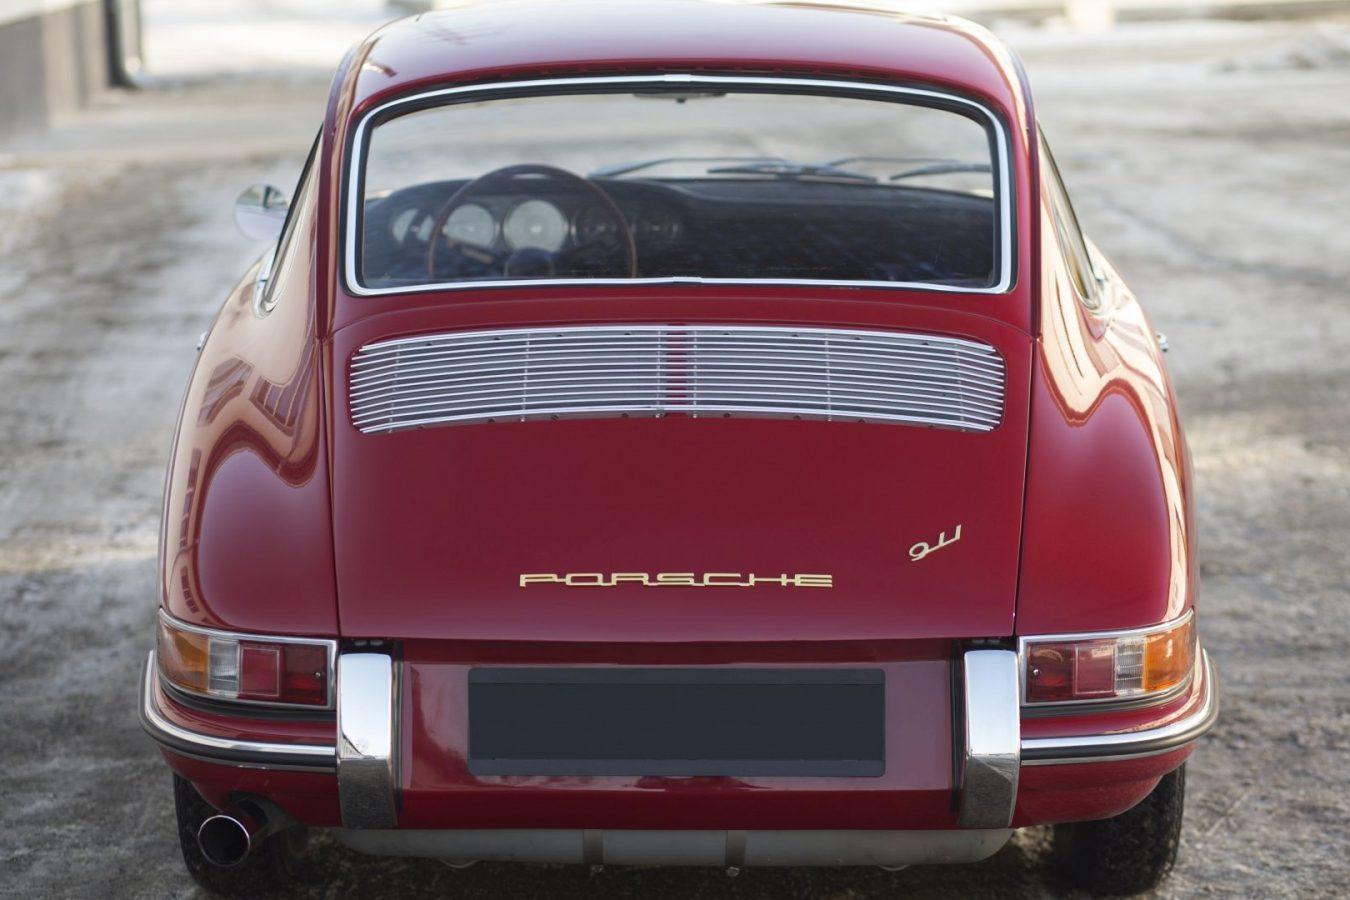 Roter Porsche 911 SWB von hinten